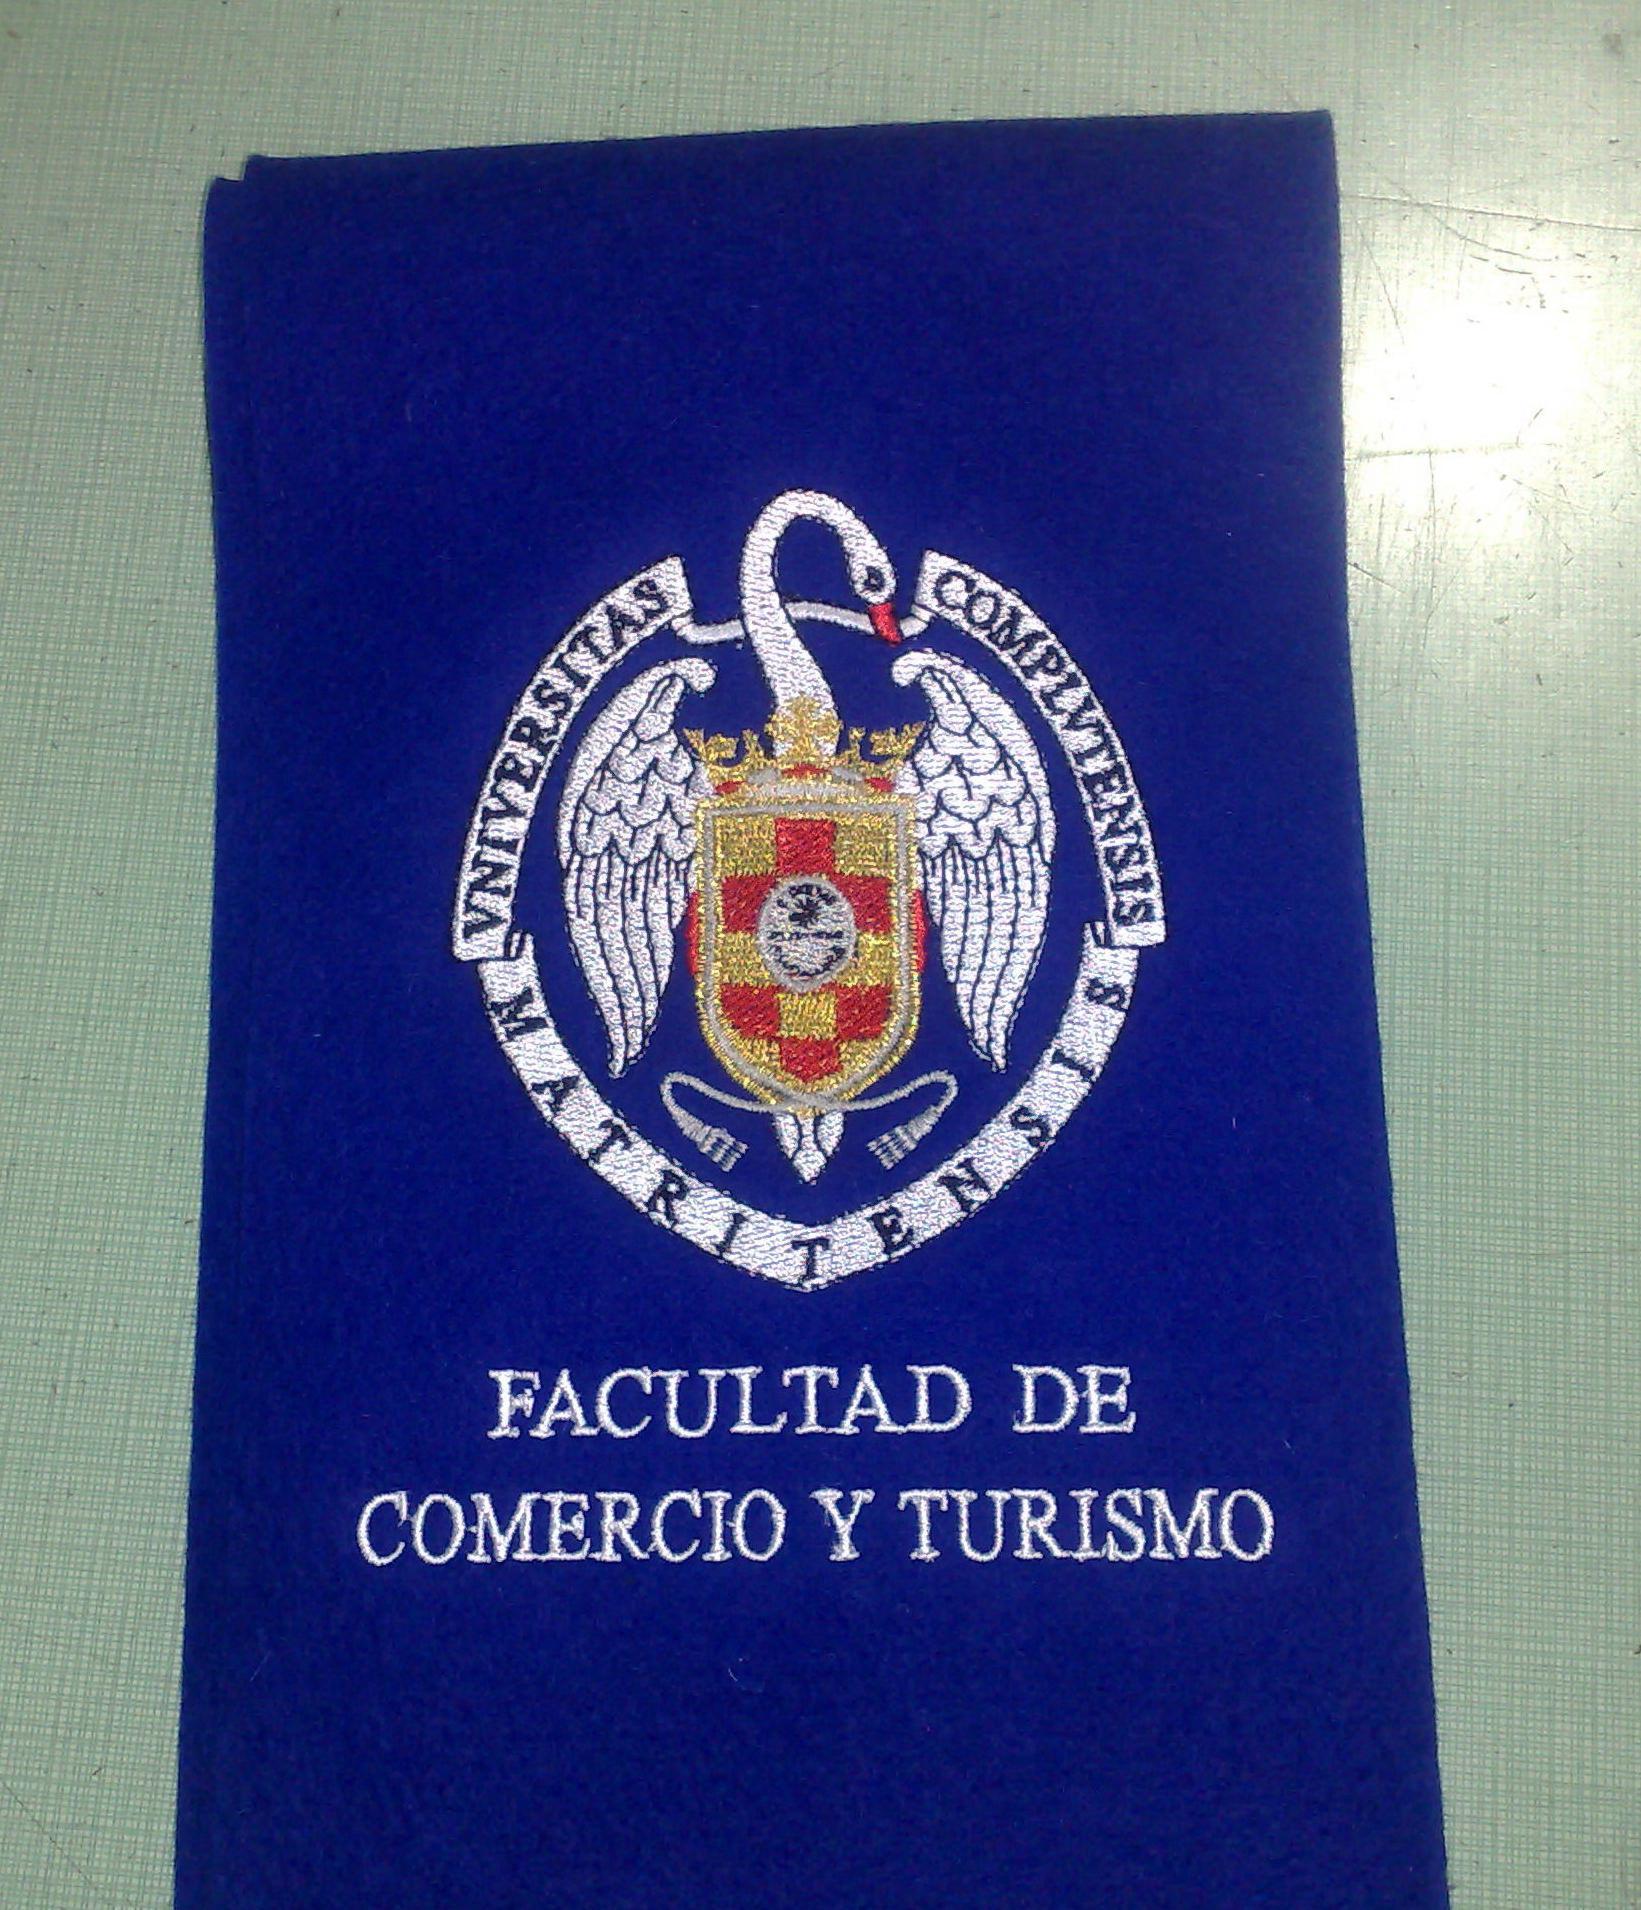 Facultad de Comercio y Turismo